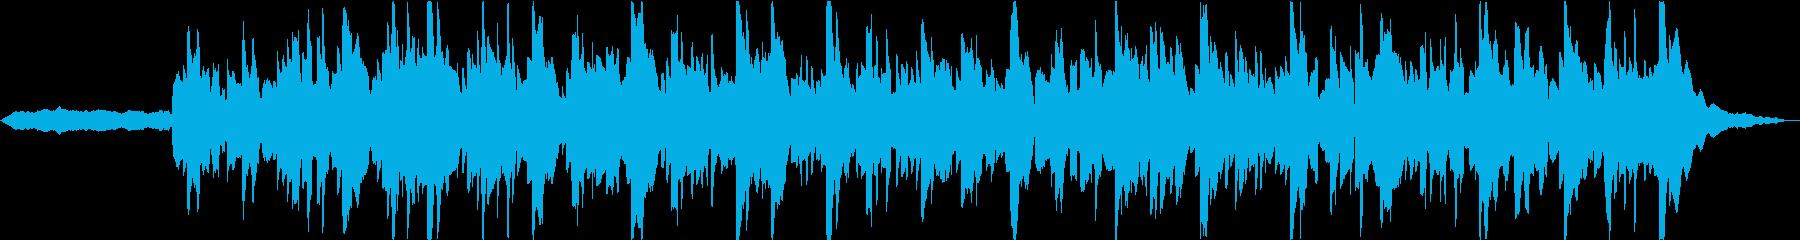 フェンダーロードスソロ。ノスタルジ...の再生済みの波形